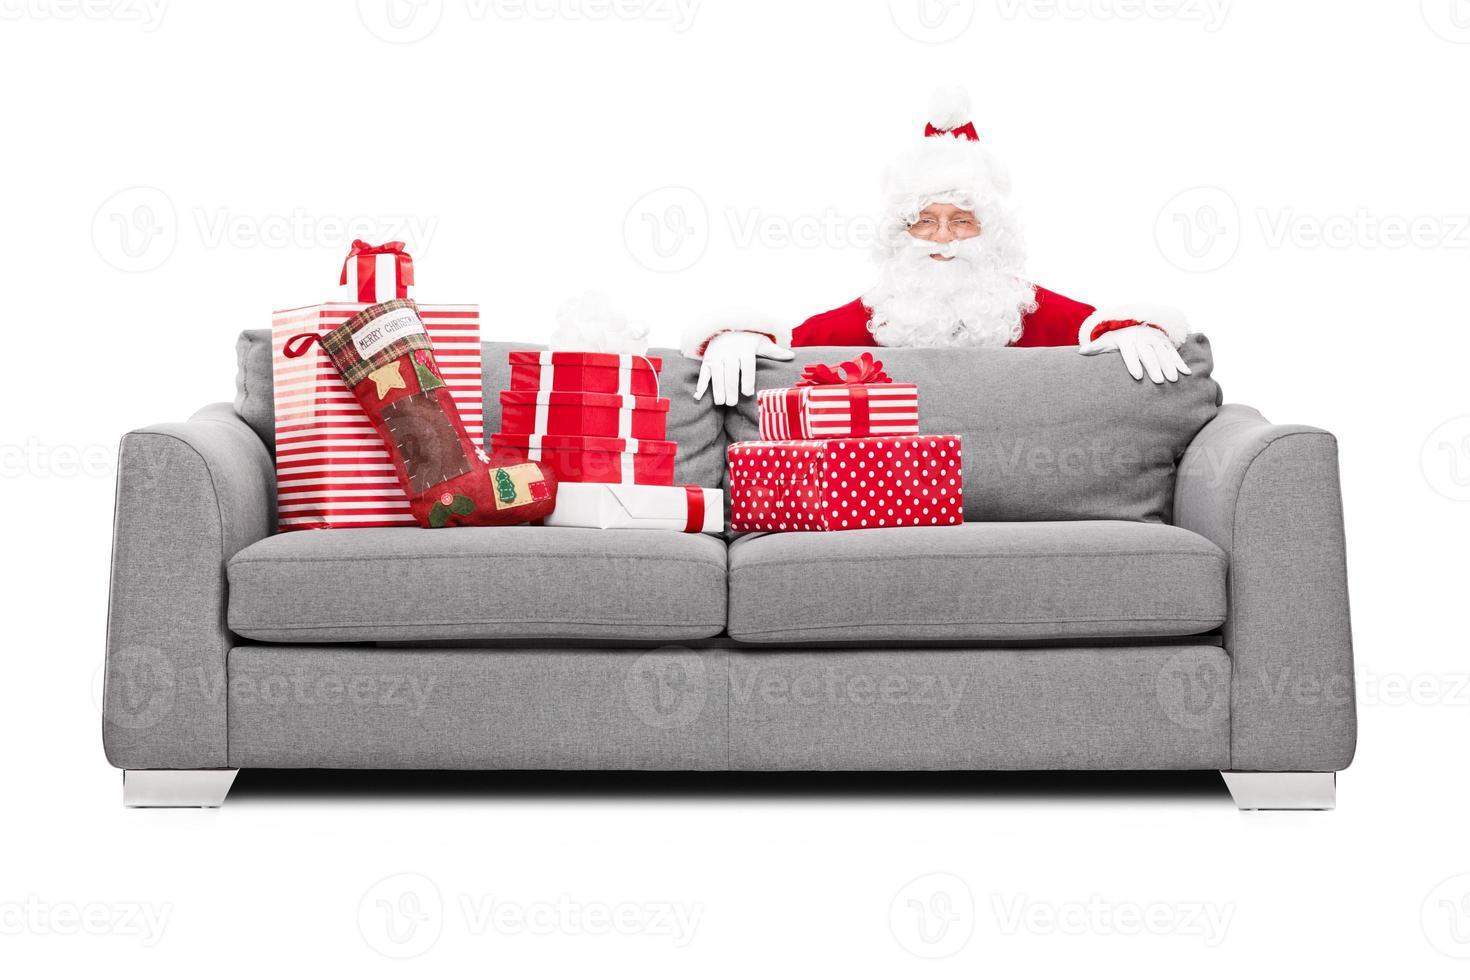 père noël se cachant derrière un canapé plein de cadeaux photo